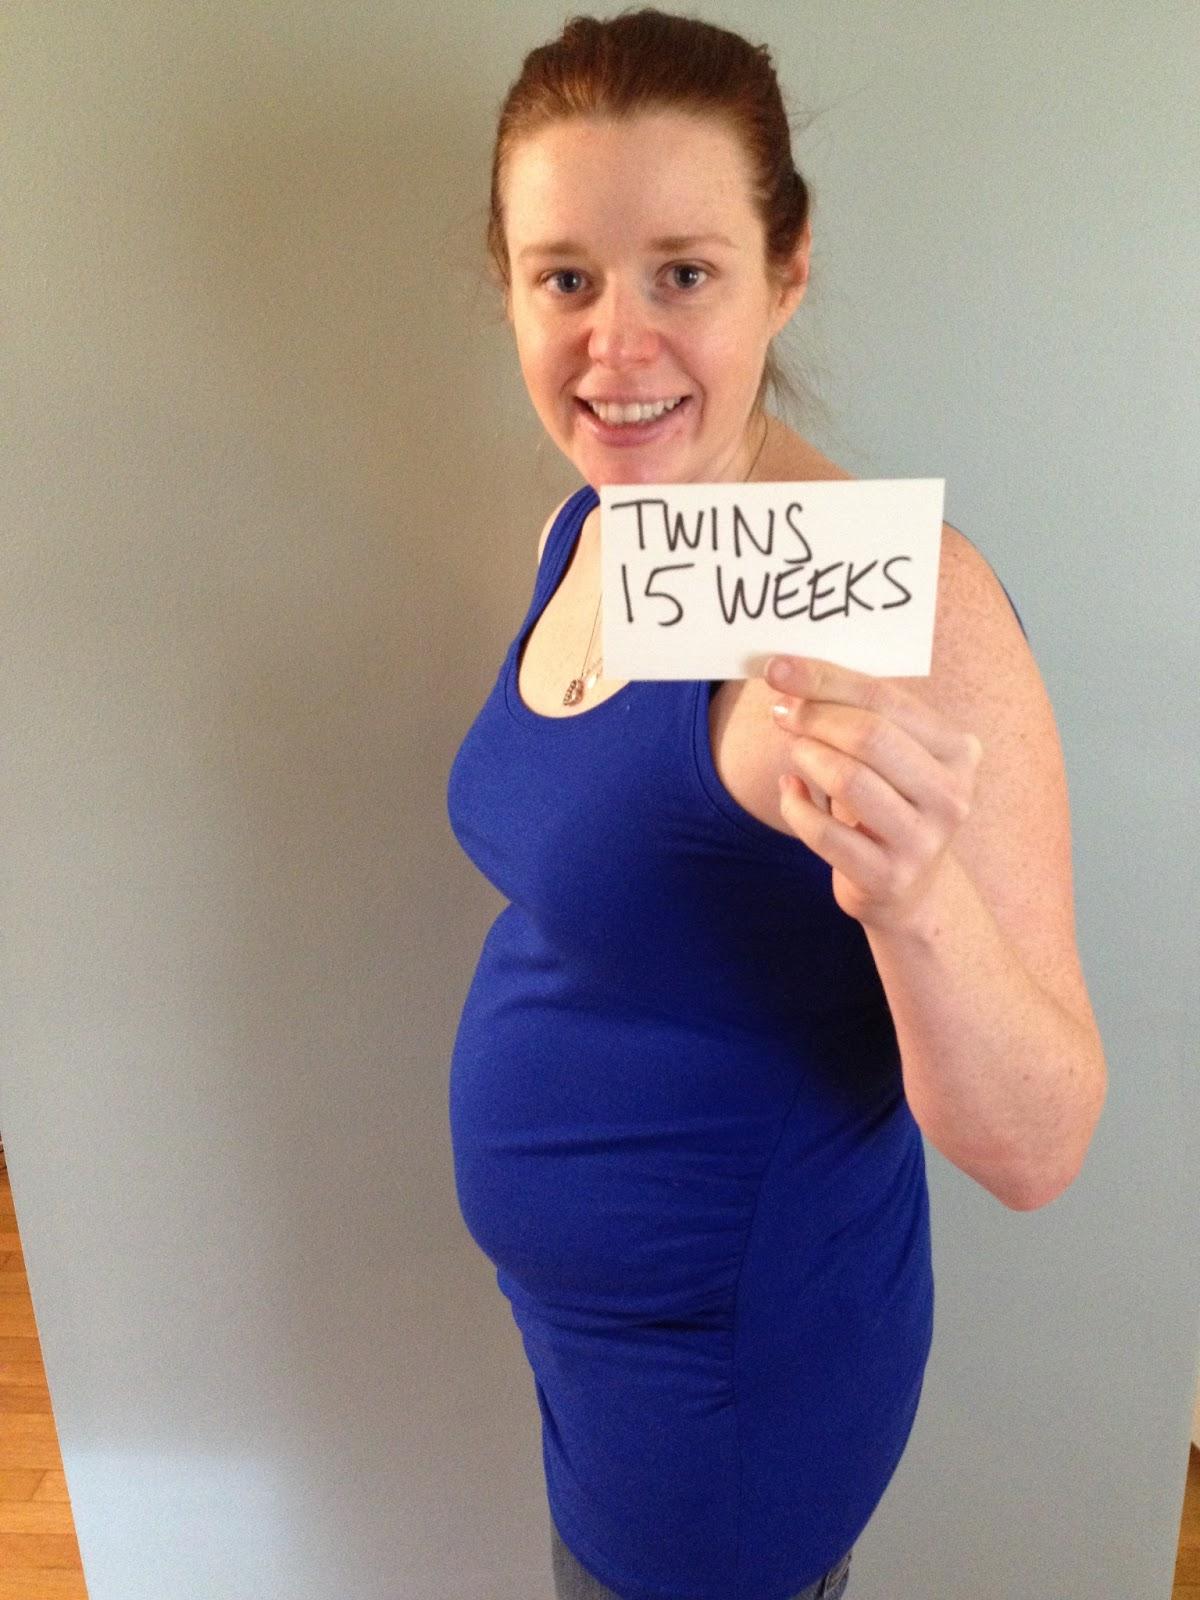 Twins pregnancy 15 weeks